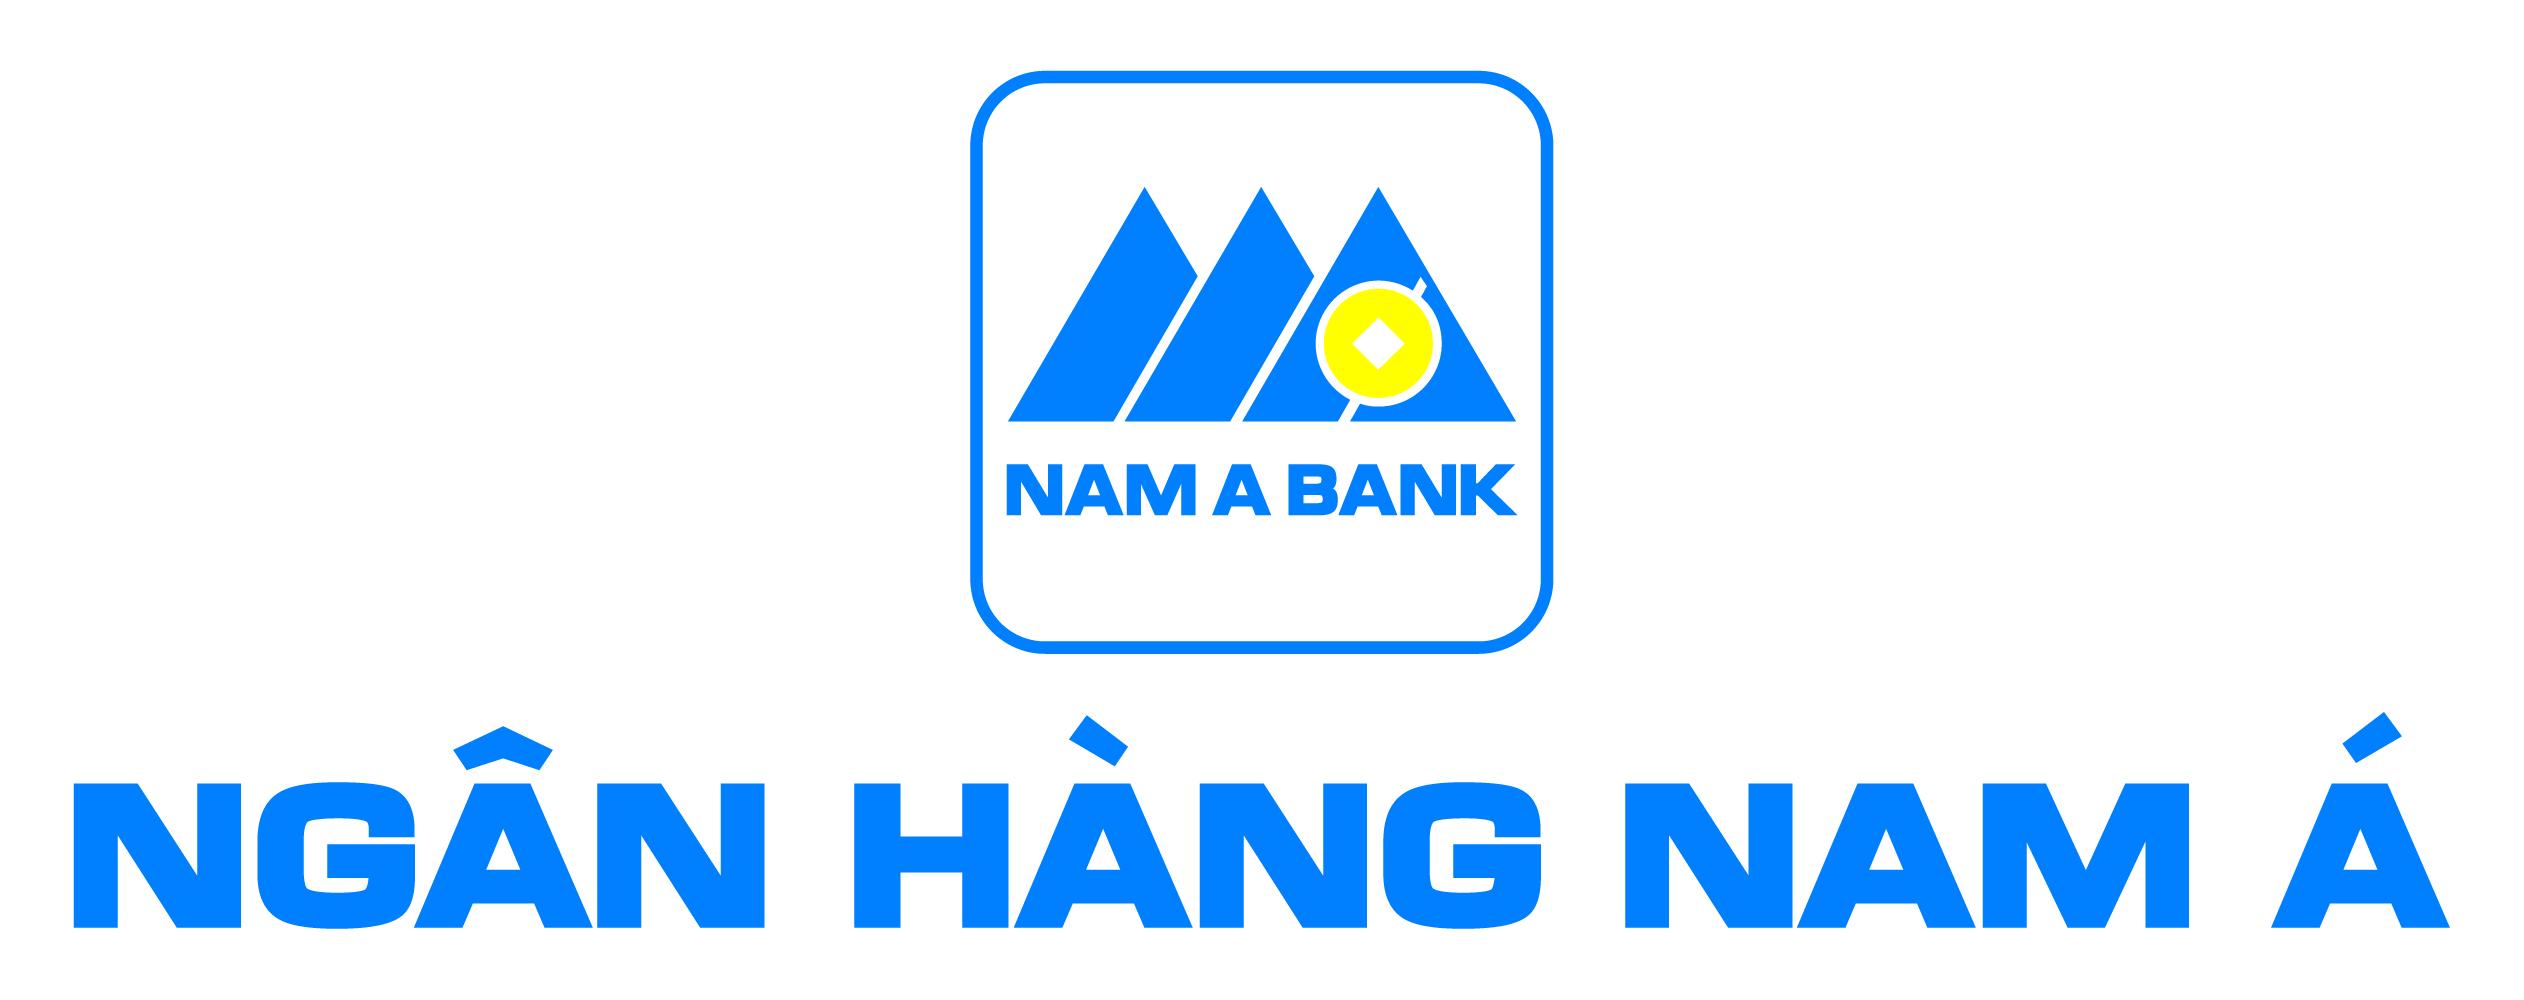 Logo Ngân hàng Nam Á mang ý nghĩa sâu sắc